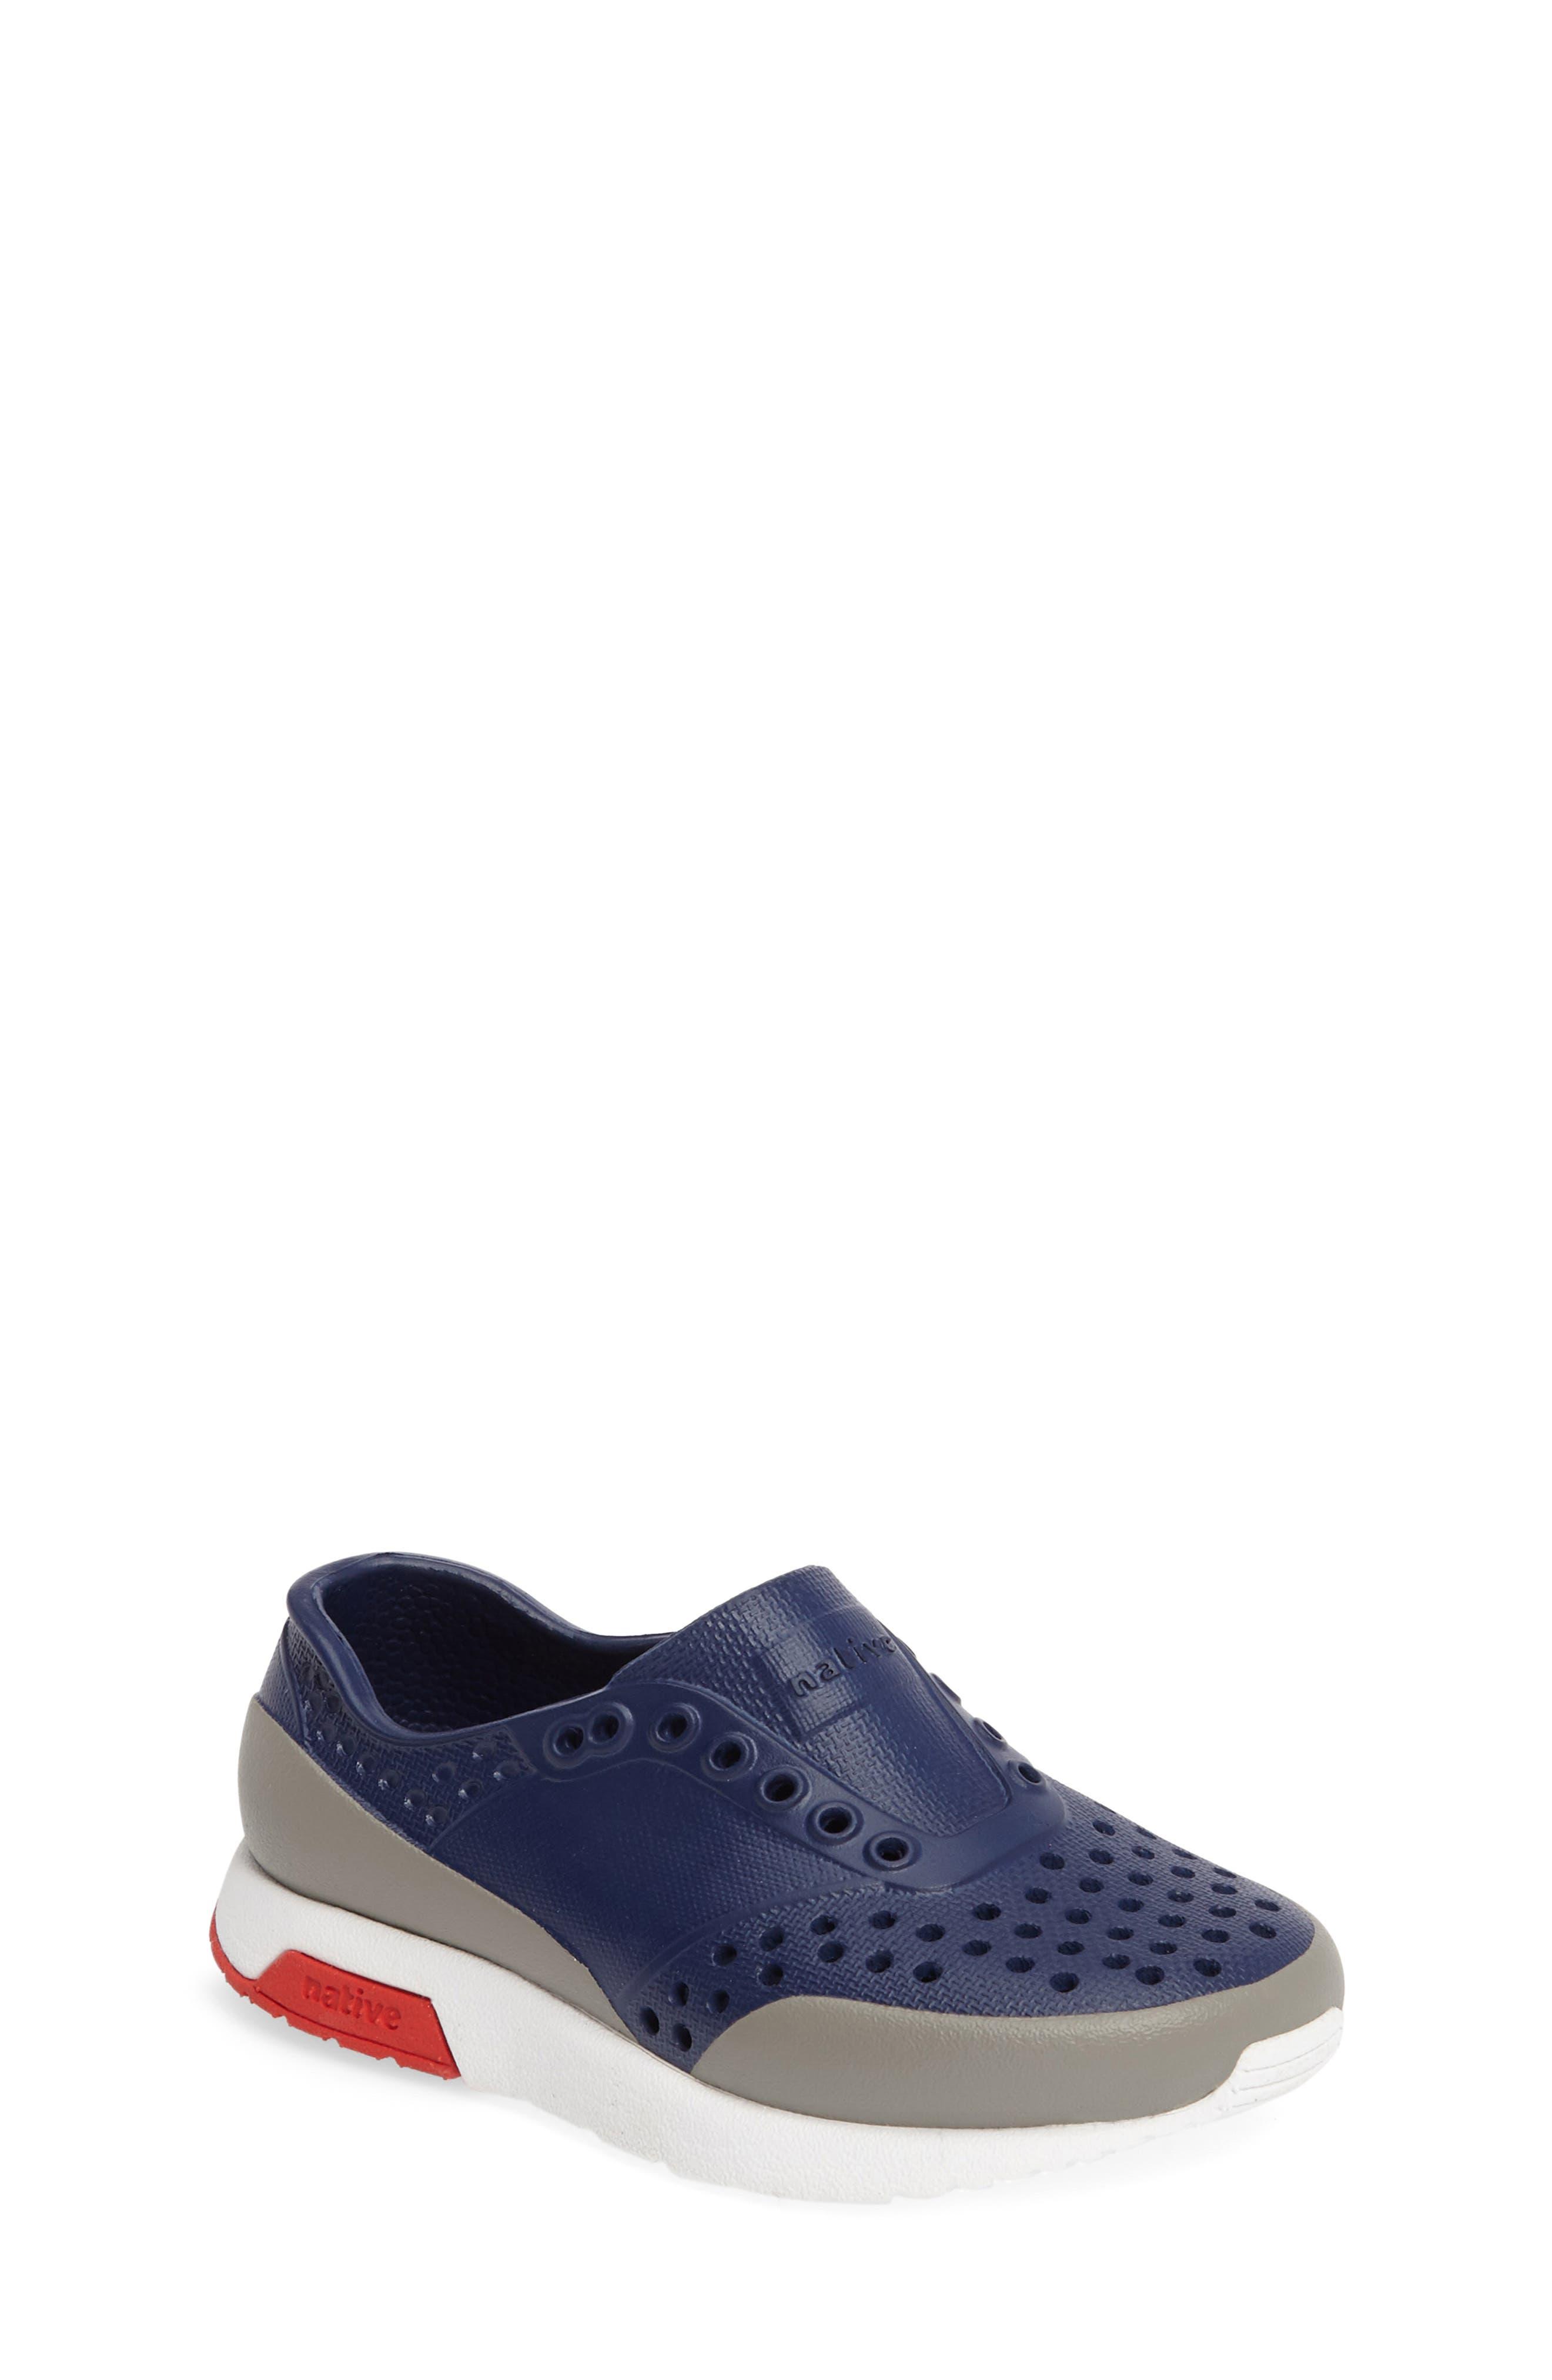 Native Shoes Lennox Block Slip-On Sneaker (Baby, Walker, Toddler & Little Kid)